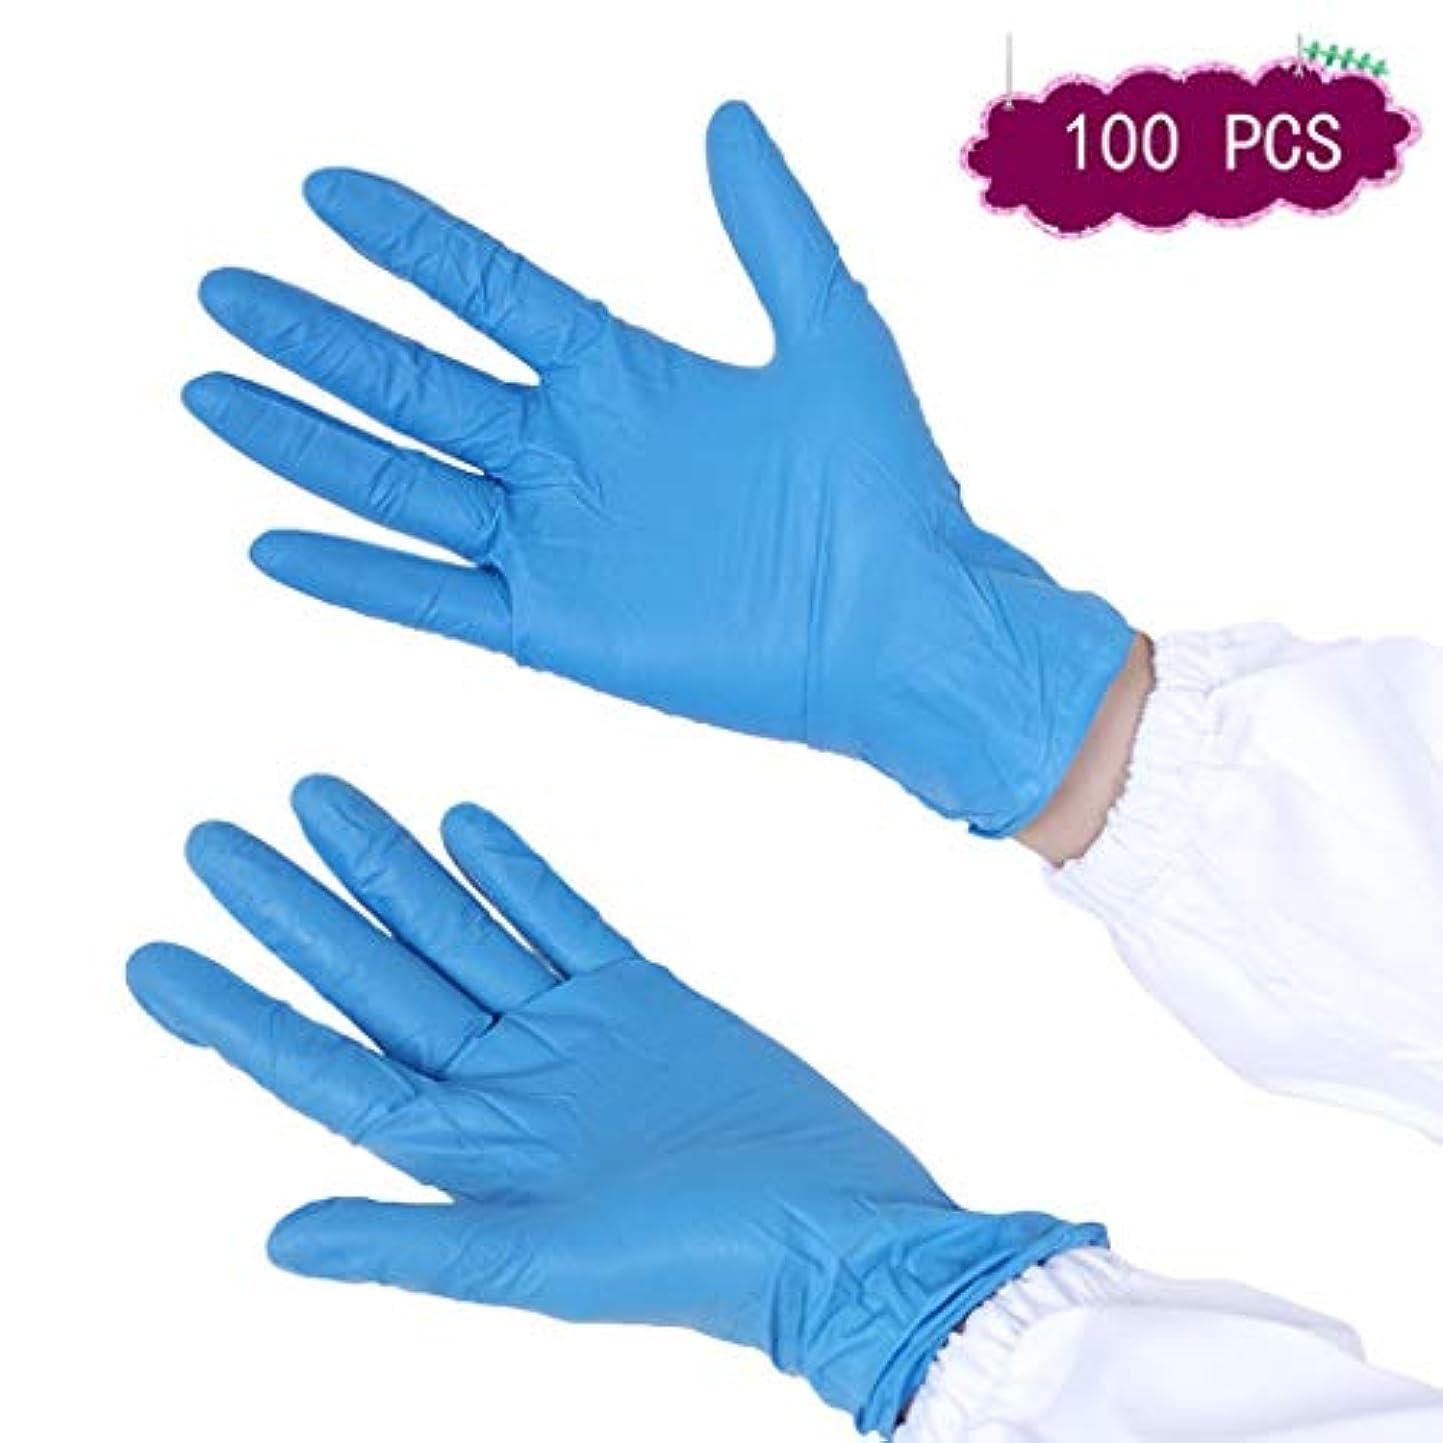 力シーサイド変形する使い捨てラテックス手袋ニトリルパウダーフリー耐酸クリーンルーム美容ネイルサロンゴム (Color : 9 inch, Size : M)